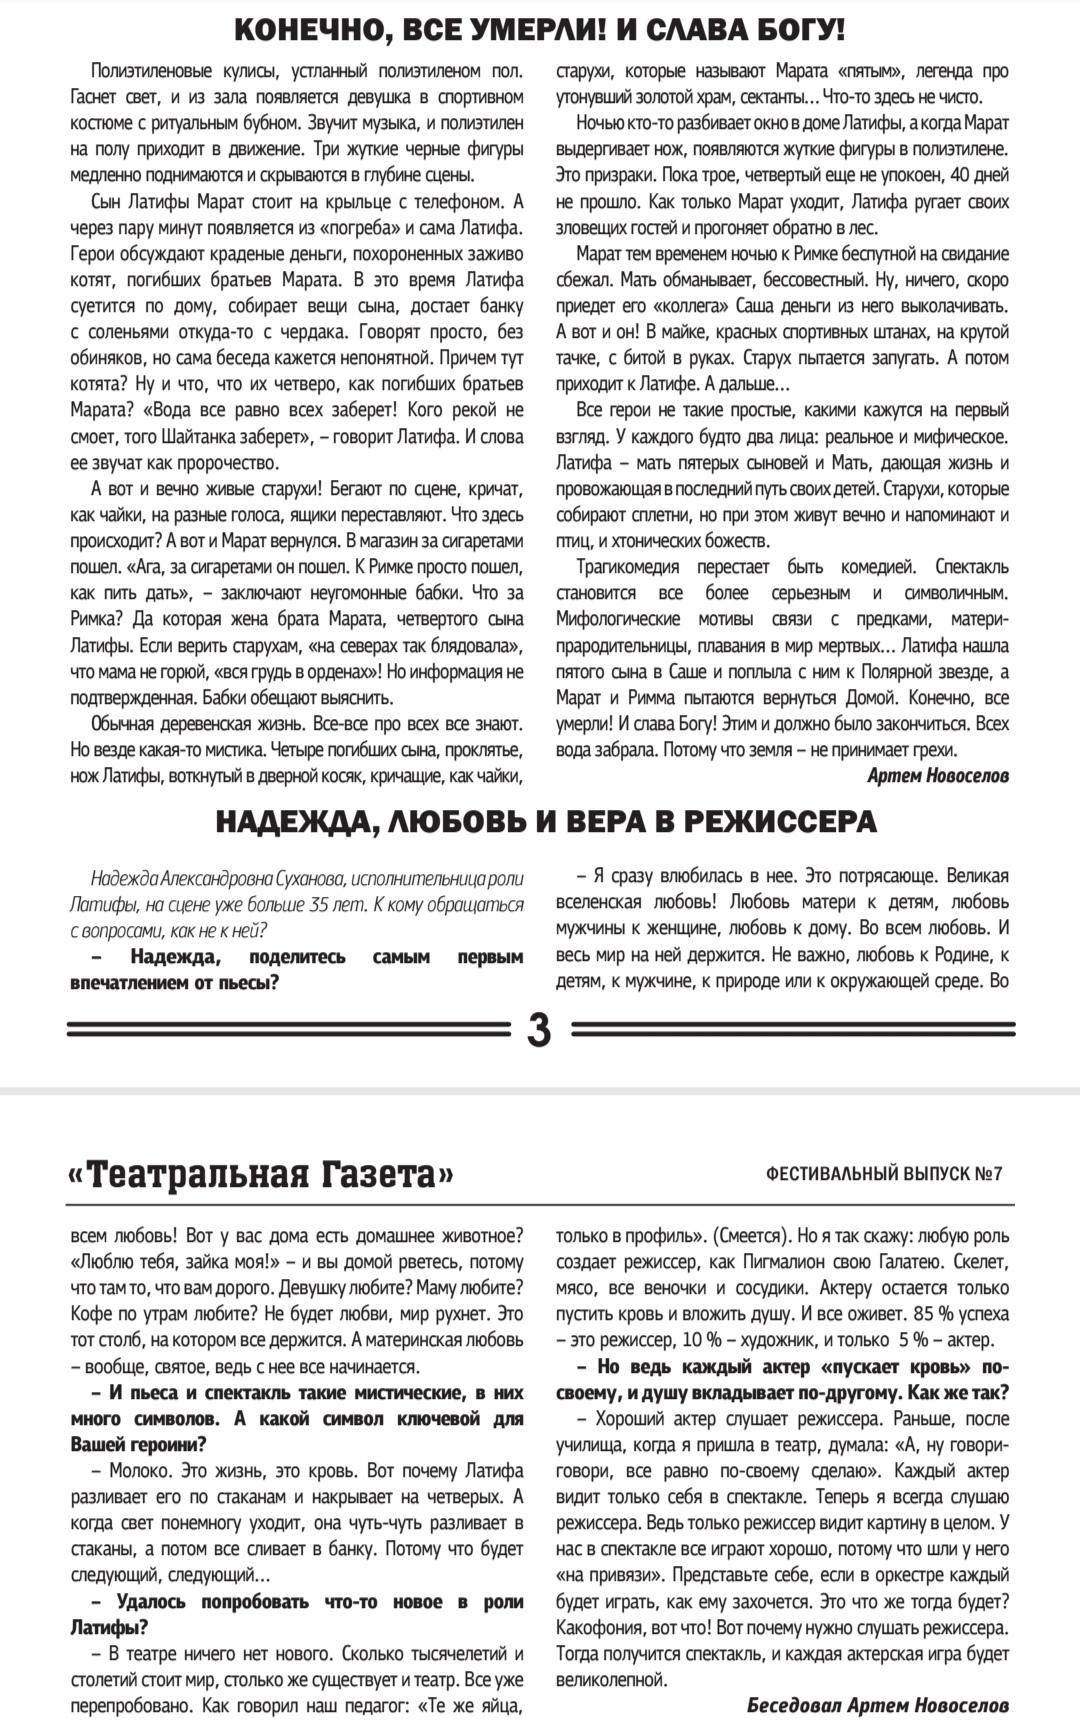 Полное интервью актрисы Надежды Сухановой Коляда-plays2018